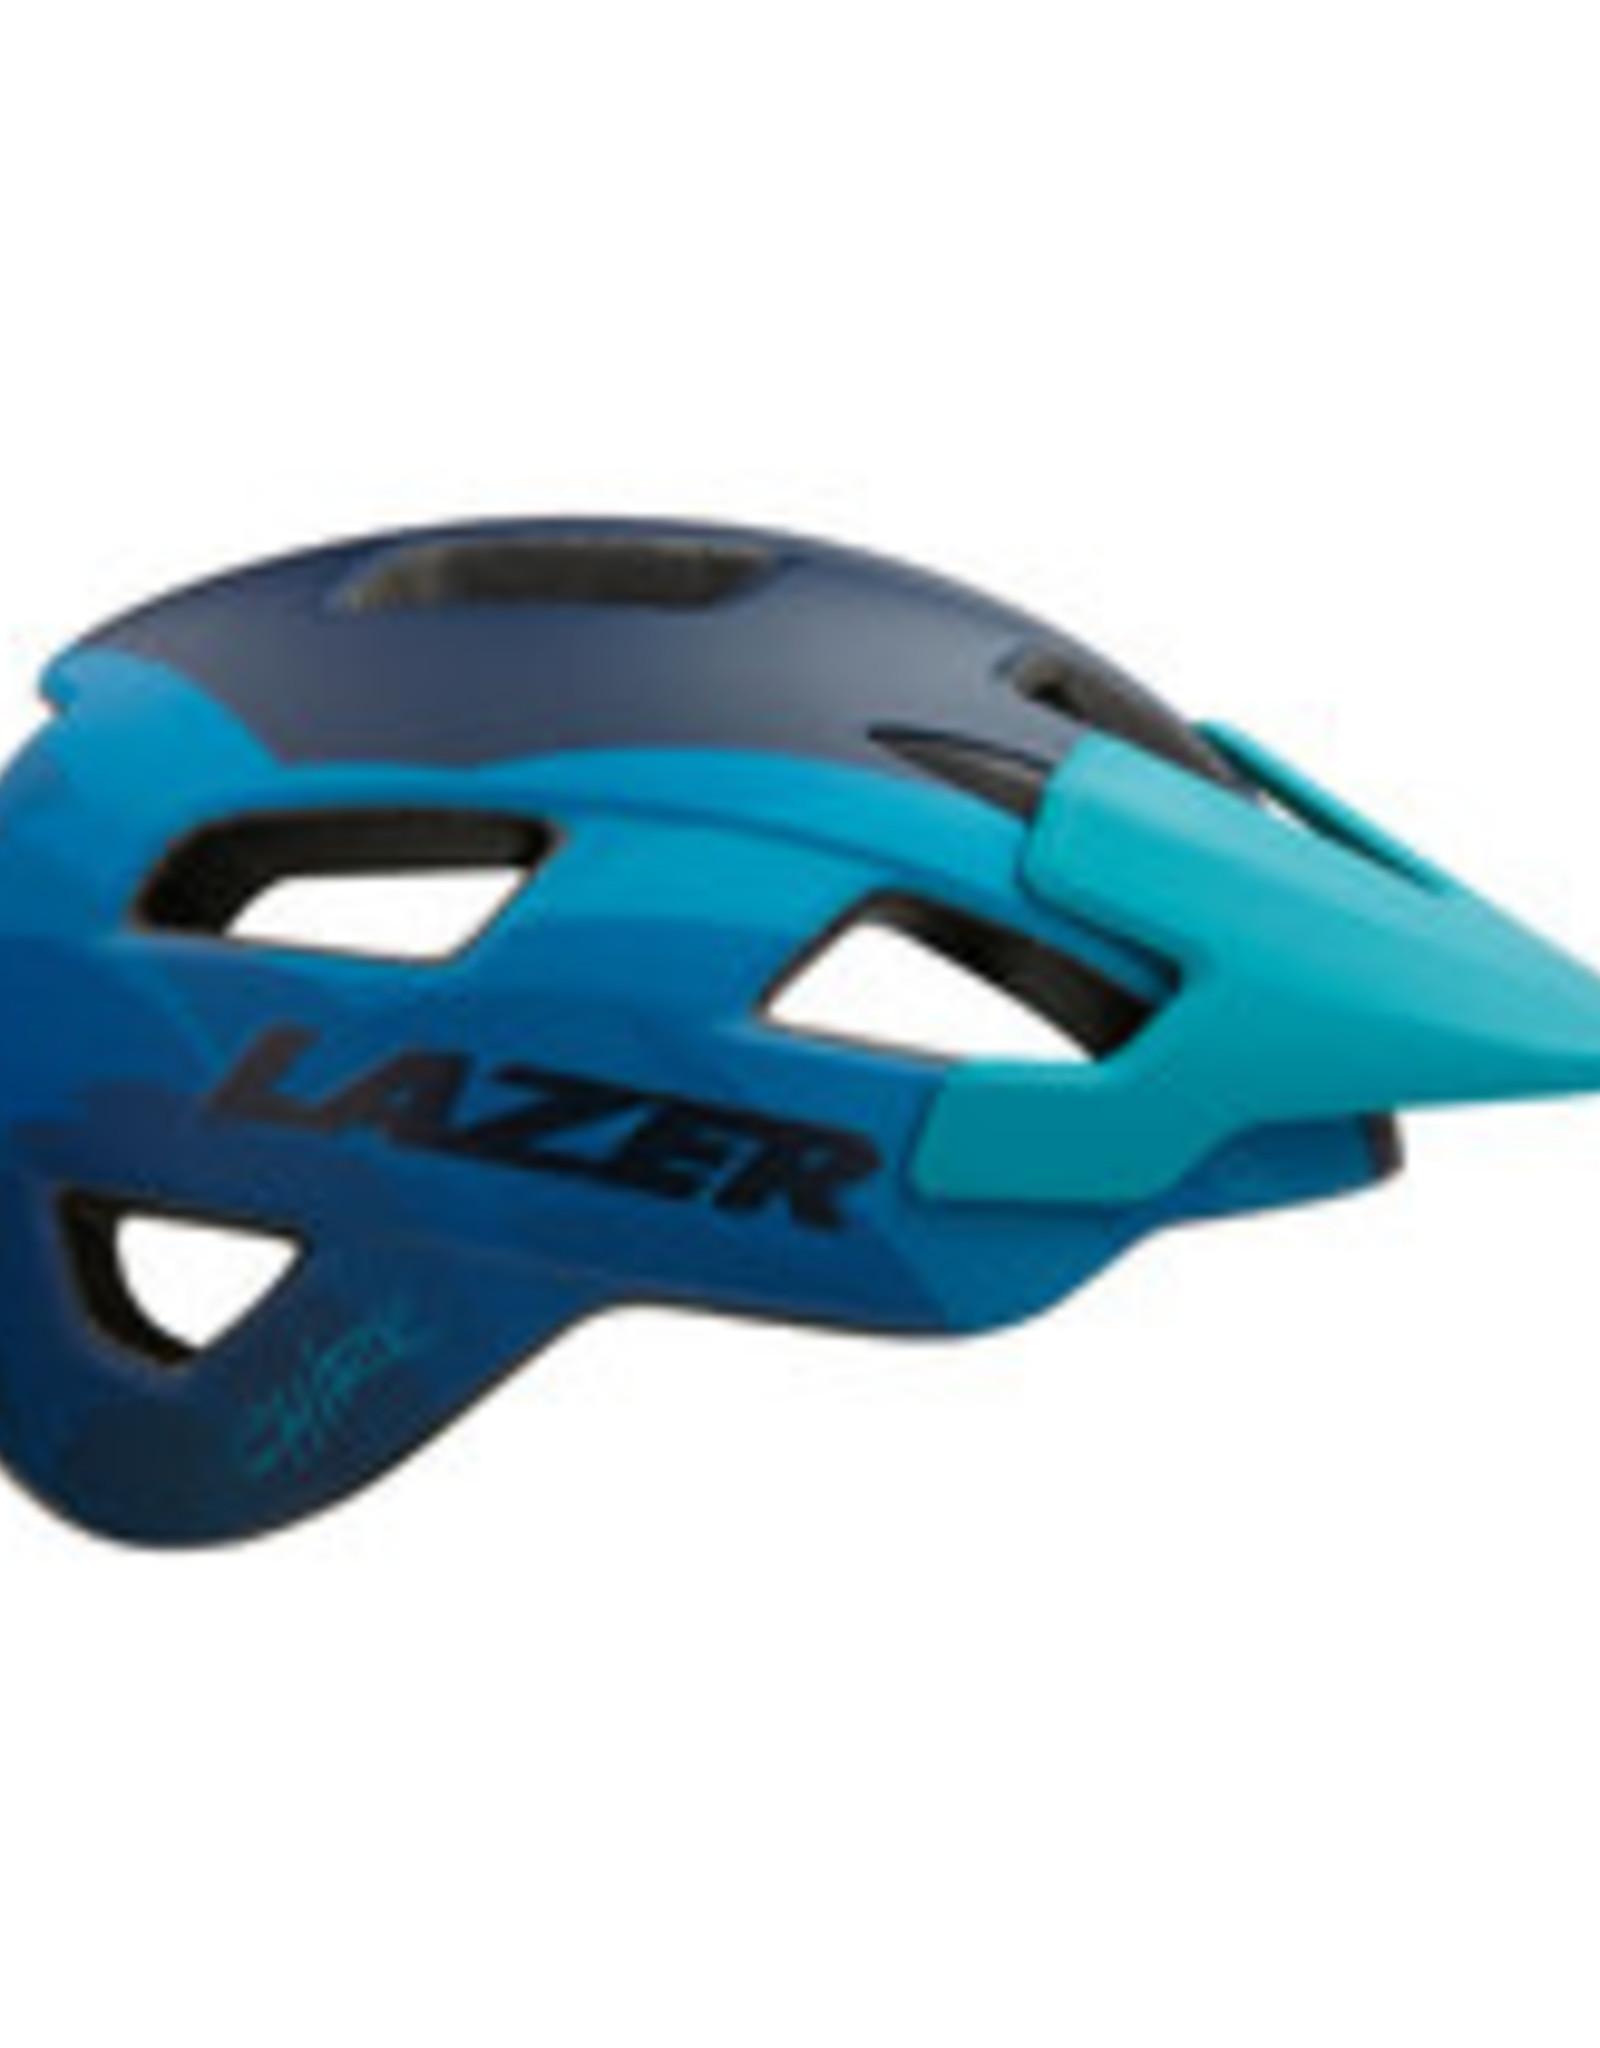 Lazer Lazer Chiru MIPS Matte Blue Steele Medium Helmet